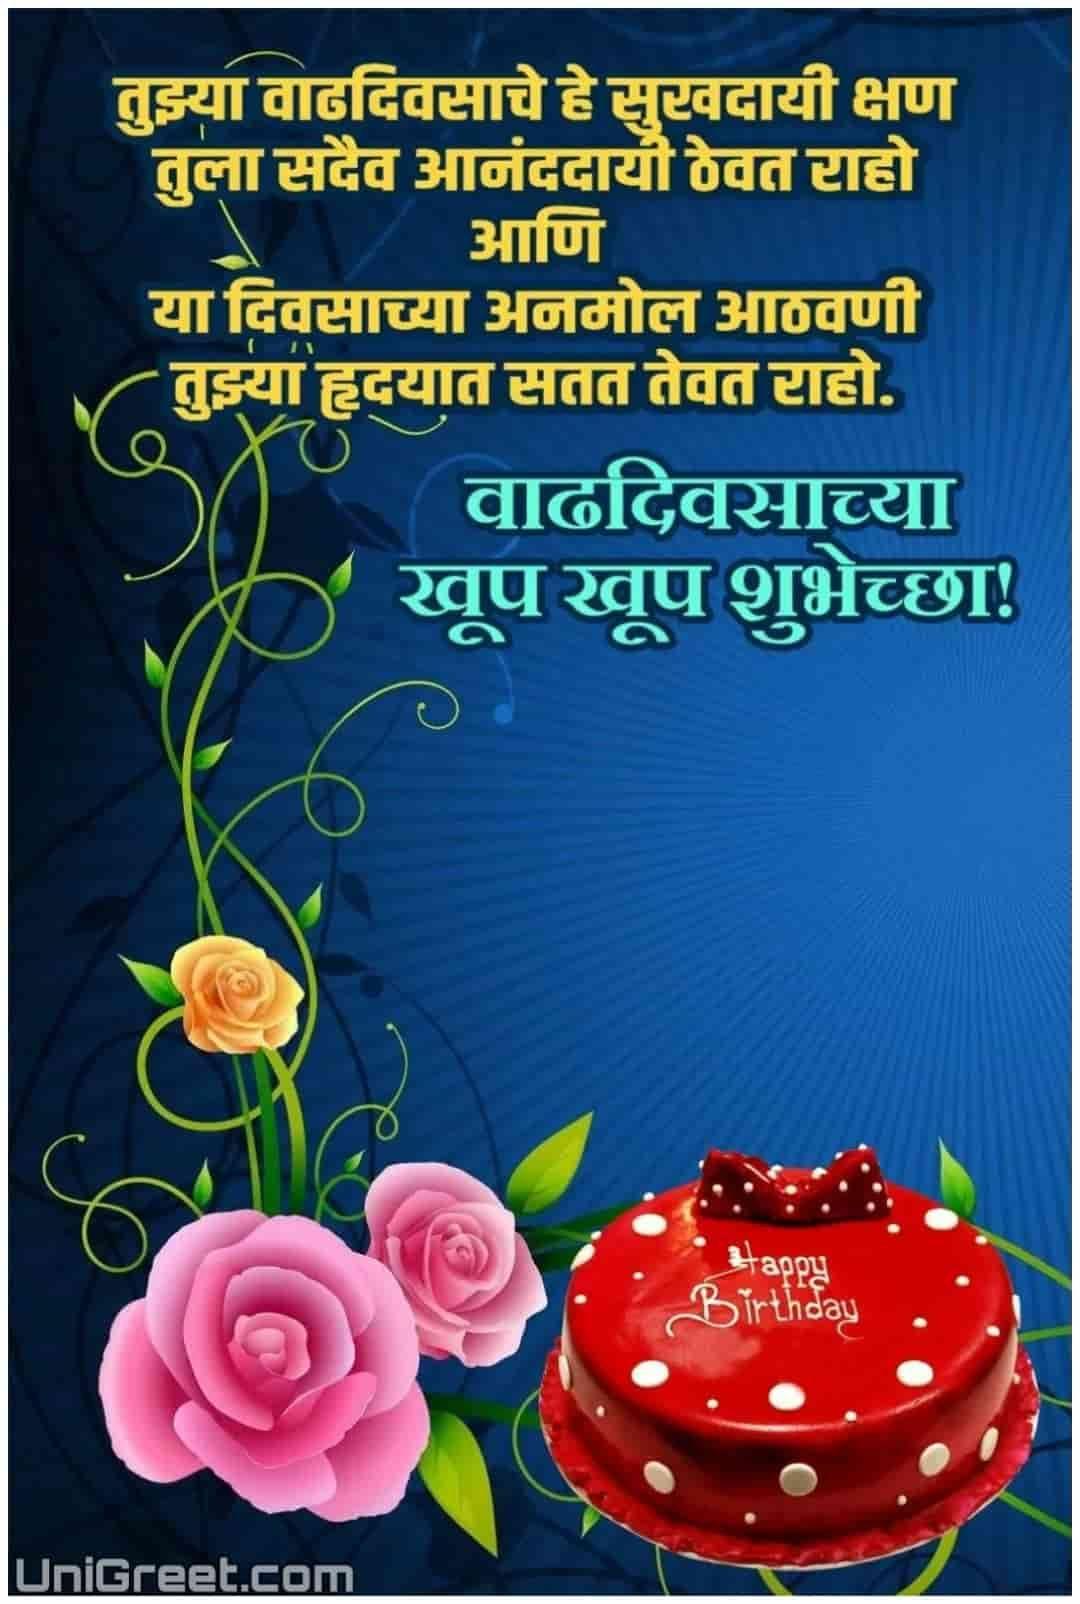 Latest Happy Birthday Marathi Images Wishes Status Pics Download Happy Birthday Wishes Images Happy Birthday Images Happy Birthday Wishes Cake